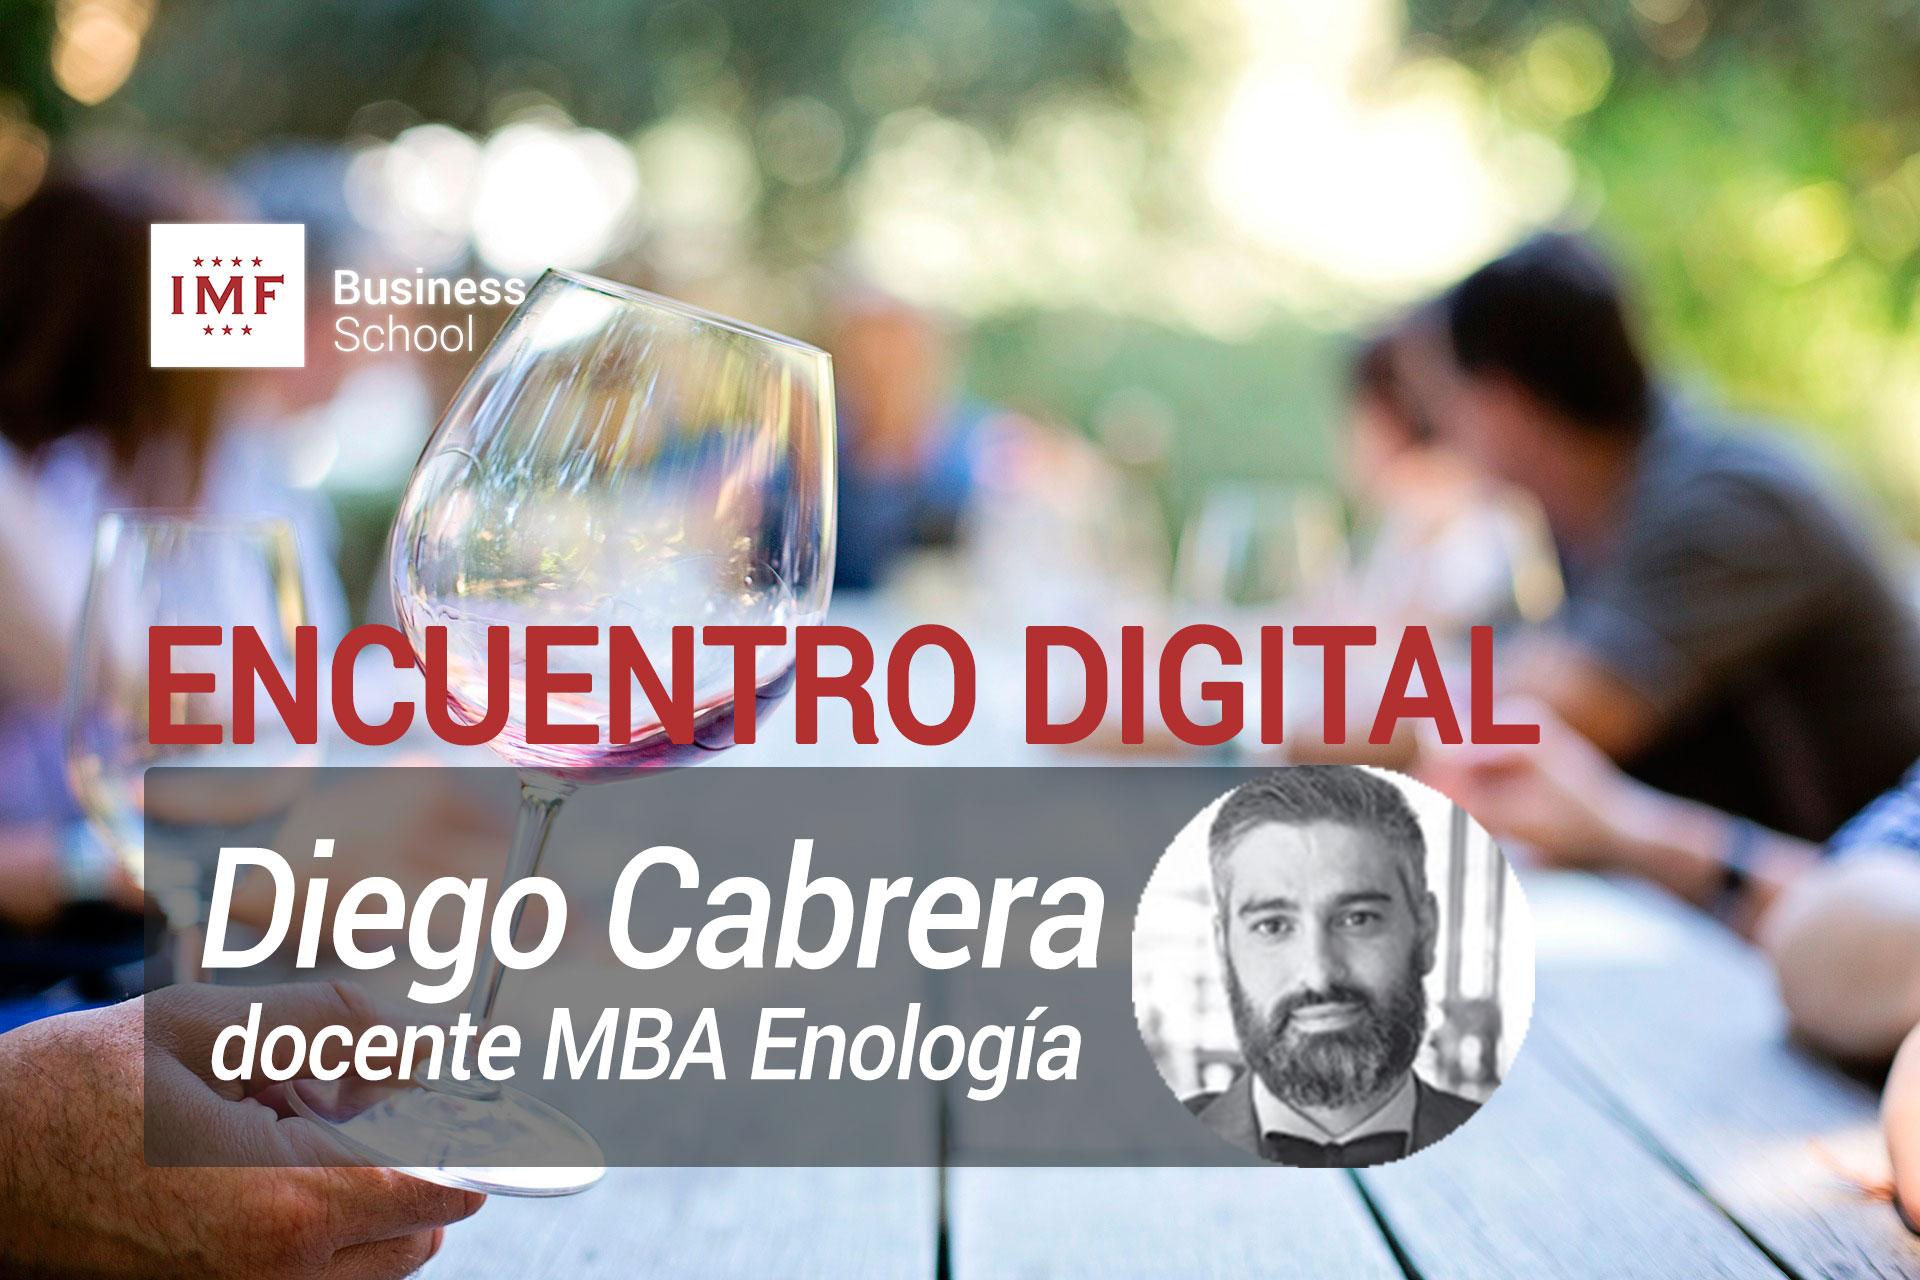 entrevista-diego-cabrera-mba-enologia-imf1 Encuentro digital con Diego Cabrera, docente del MBA Enología de IMF